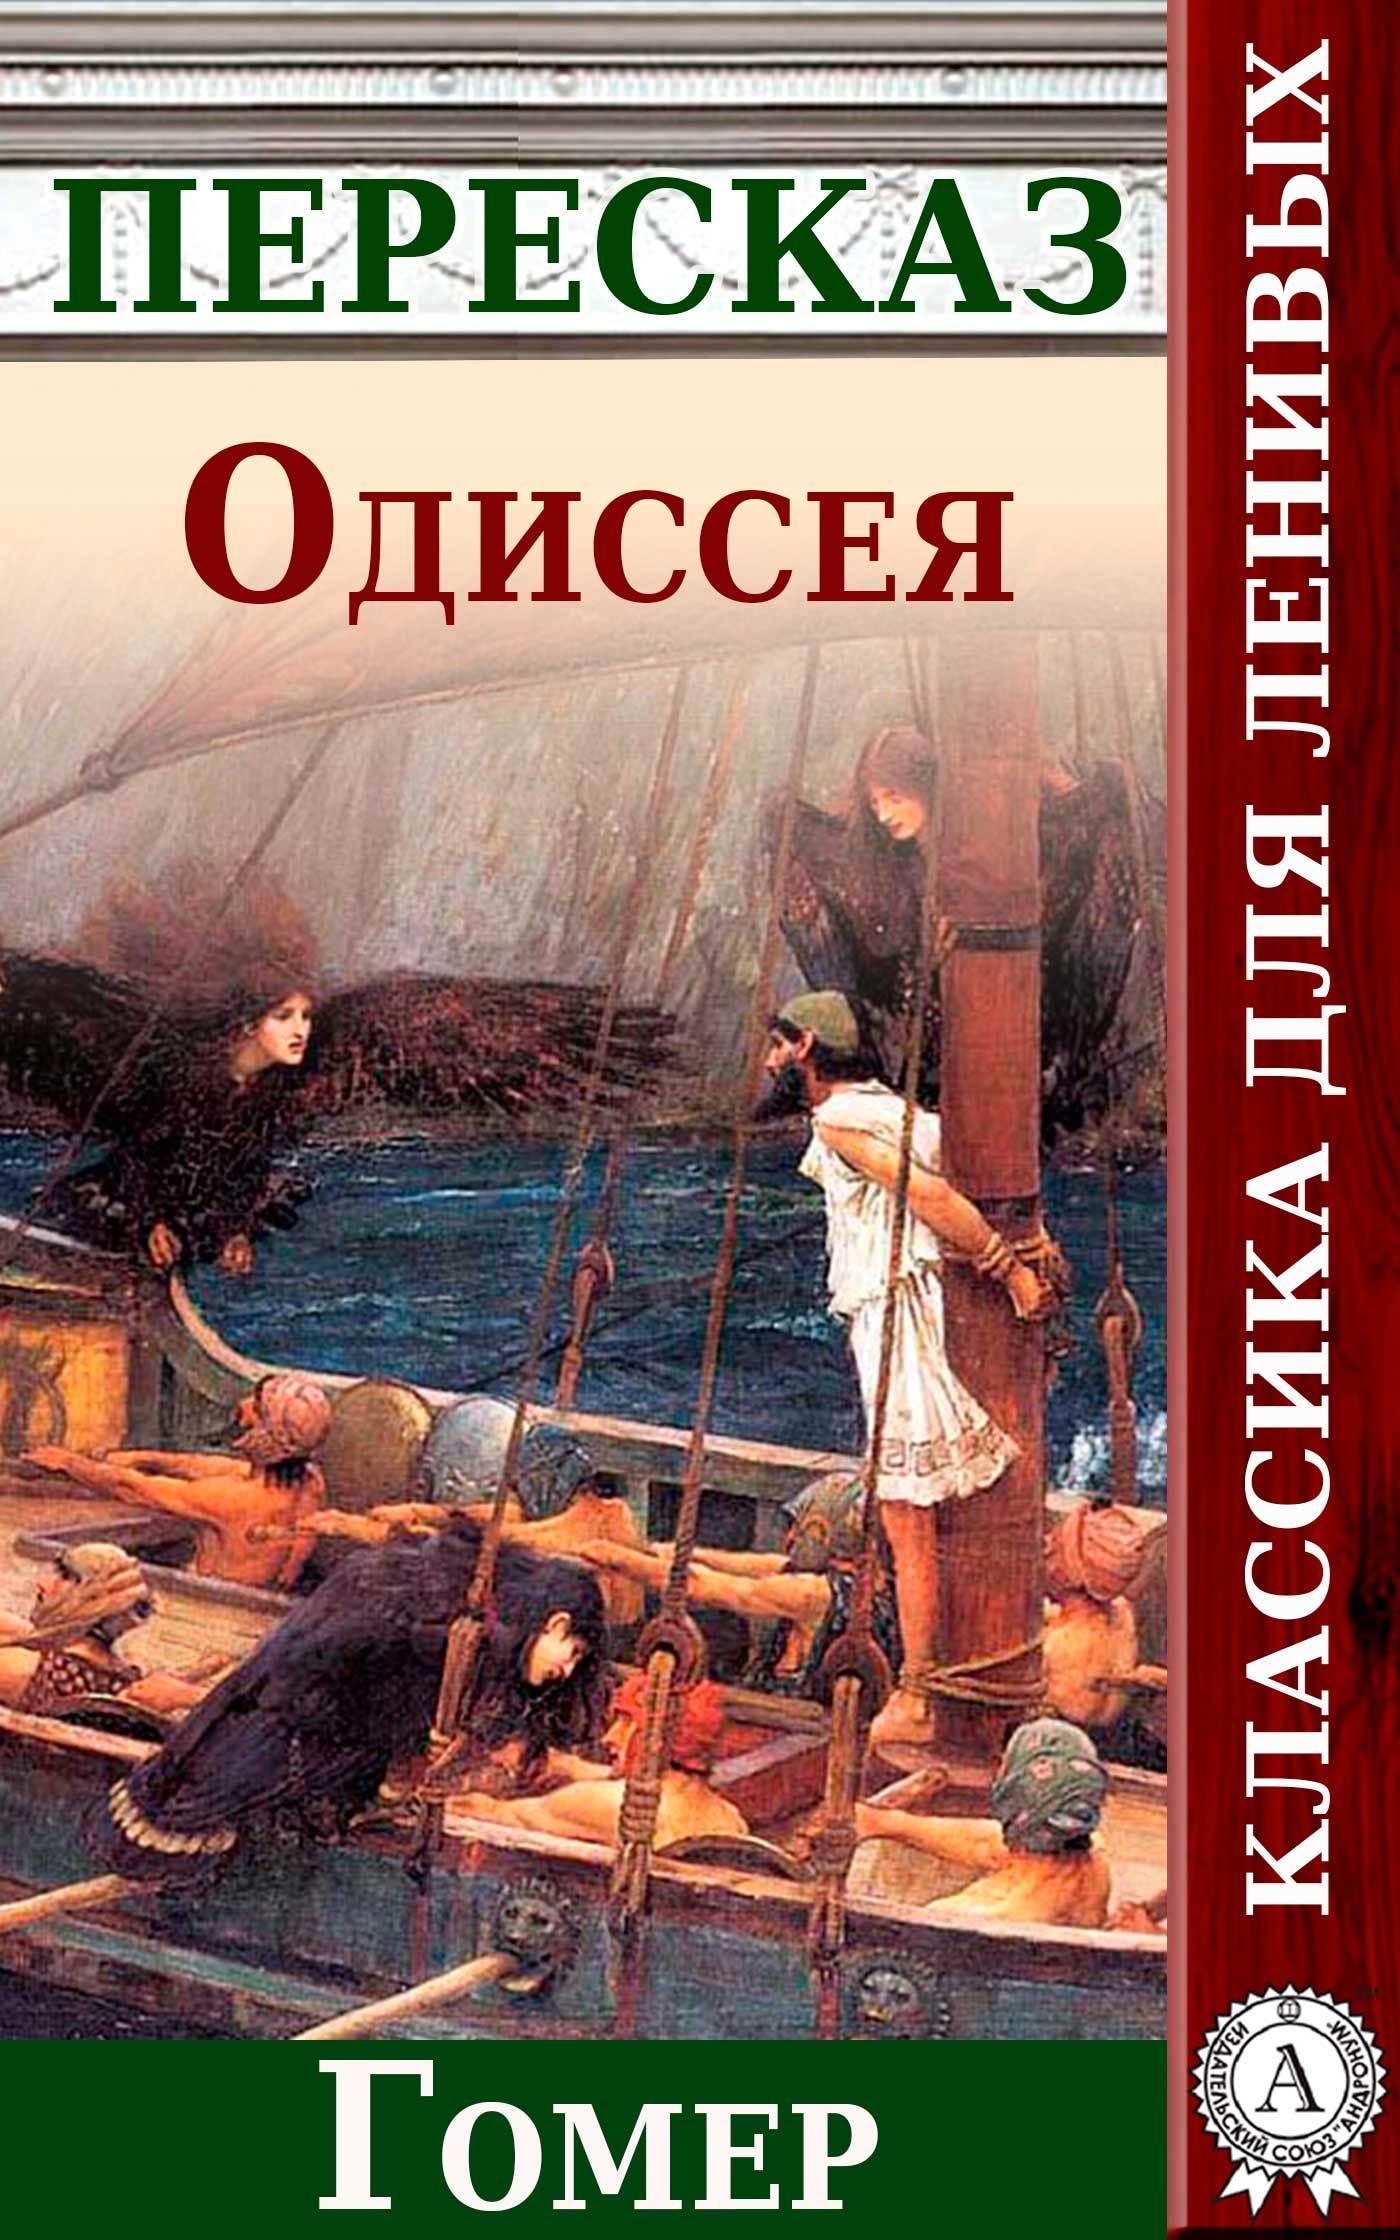 Одиссея Краткий пересказ произведения Гомера от ЛитРес